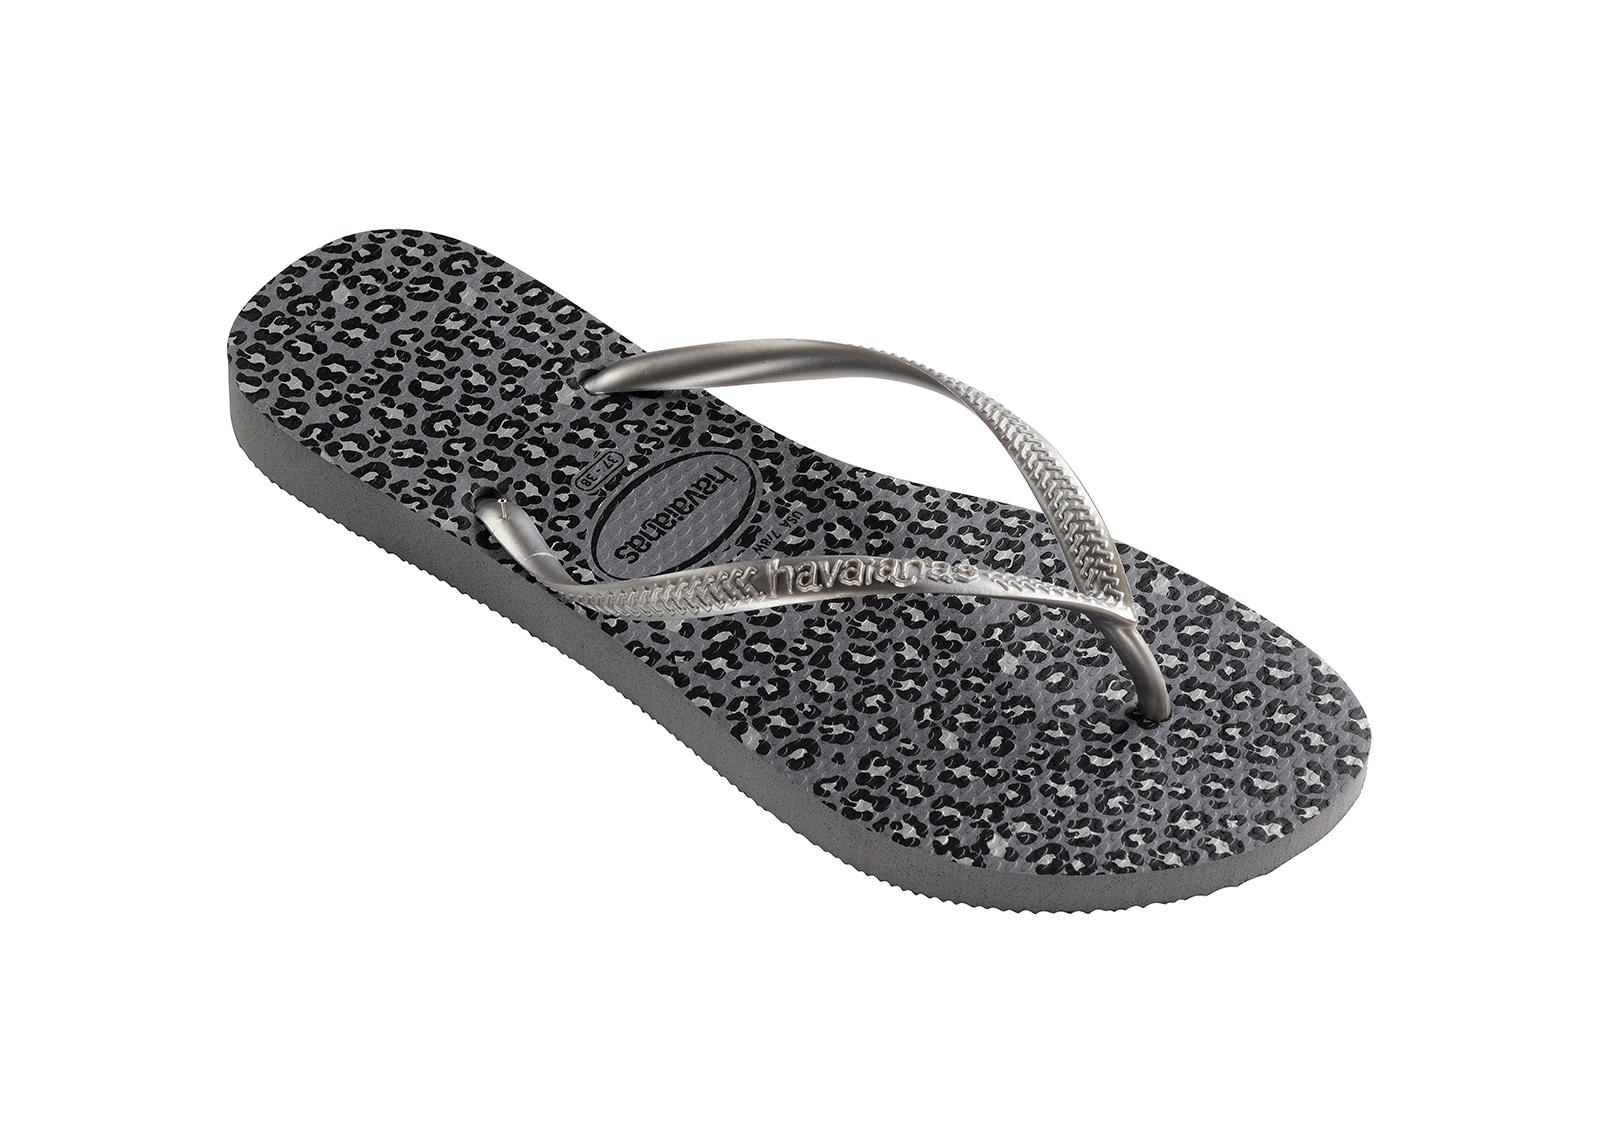 93fdb3186 Flip-Flops Flip-flops - Havaianas Slim Animals Steel Grey